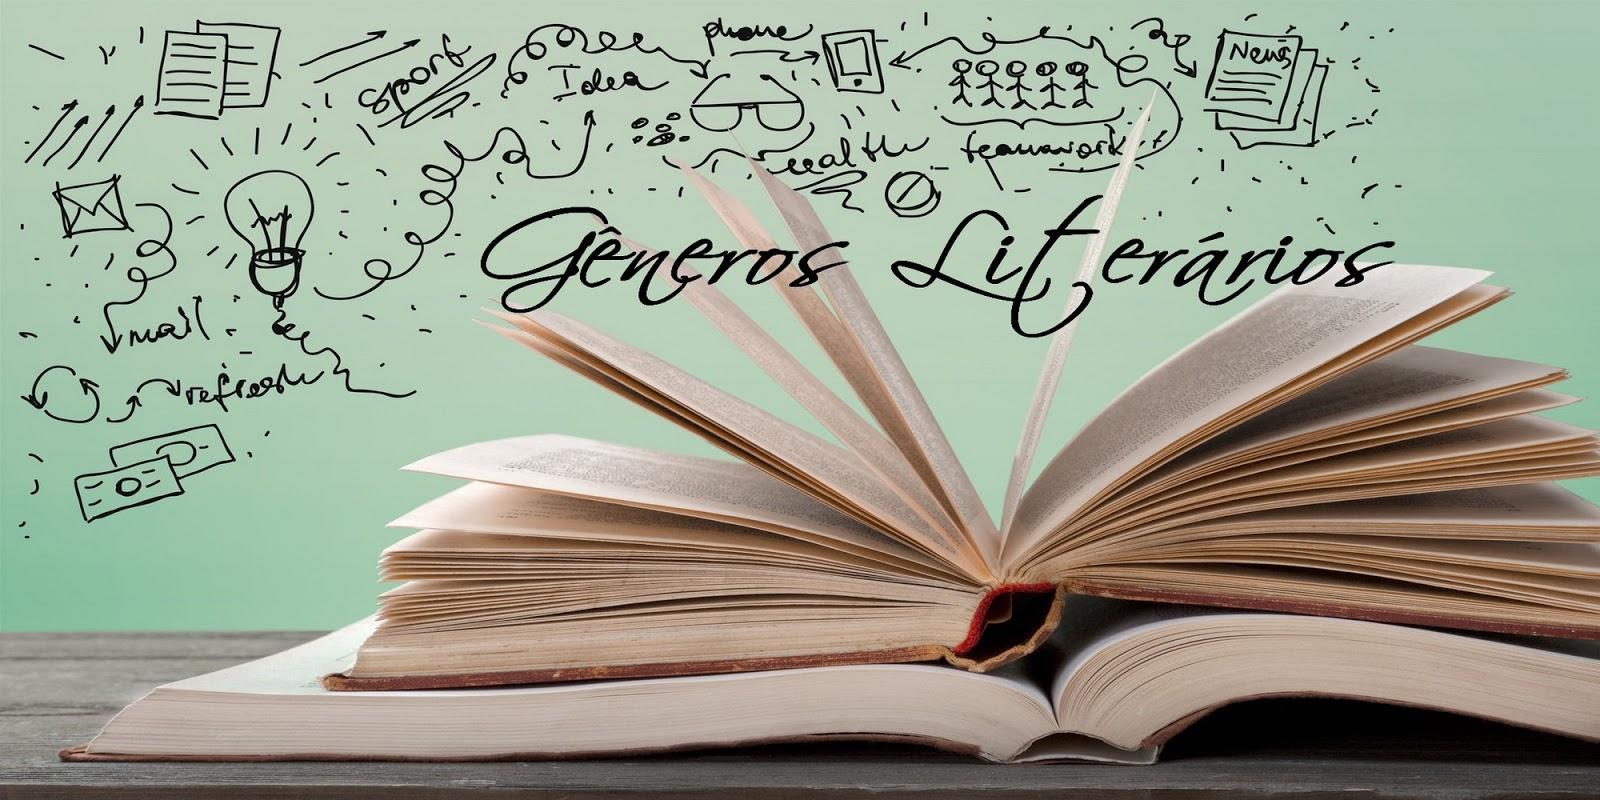 UTILIDADE PÚBLICA - Gêneros Literários